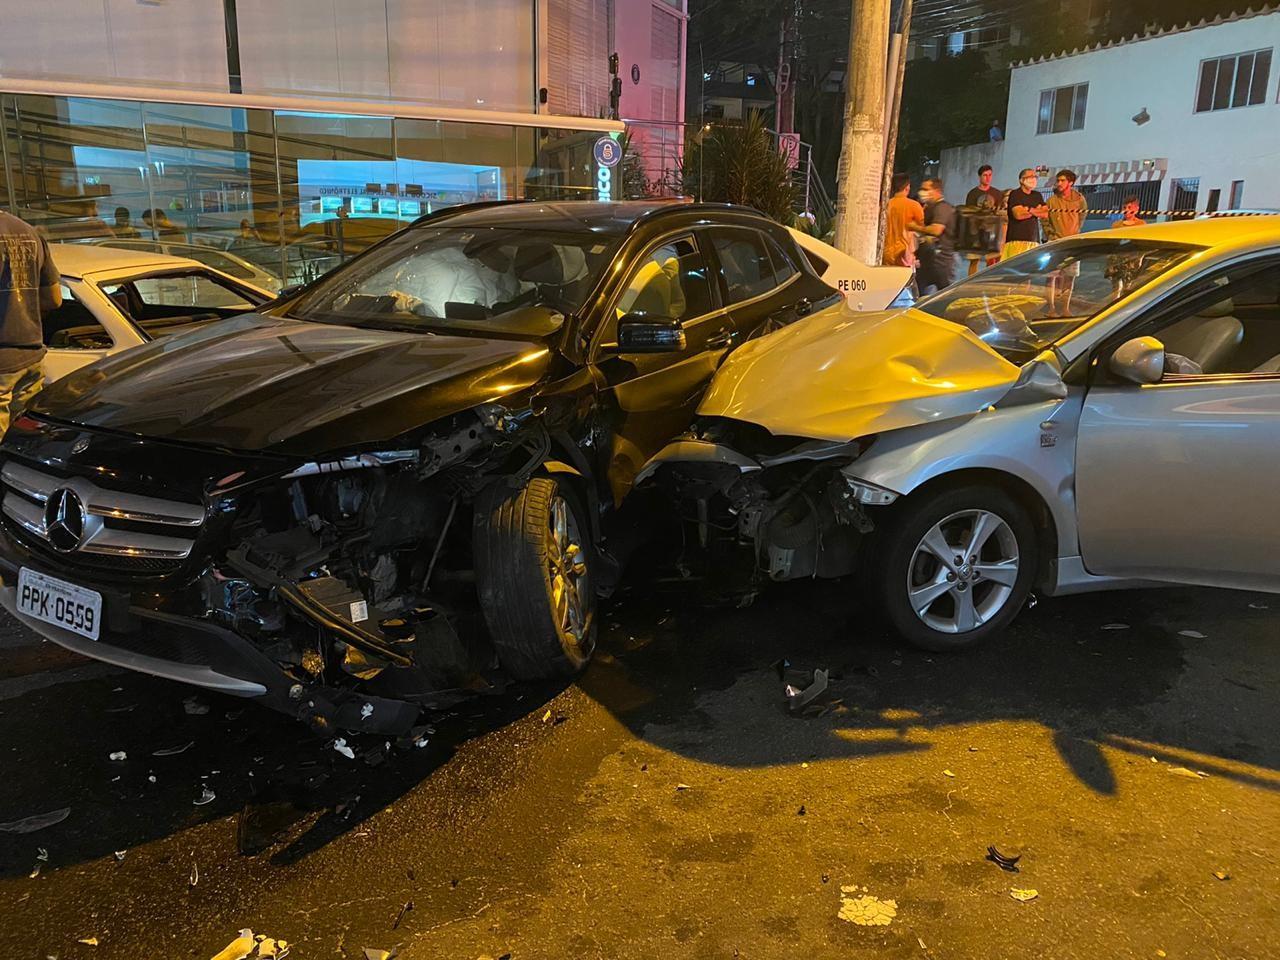 Roubo de carro termina em perseguição e acidente envolvendo quatro veículos em Vila Velha, ES